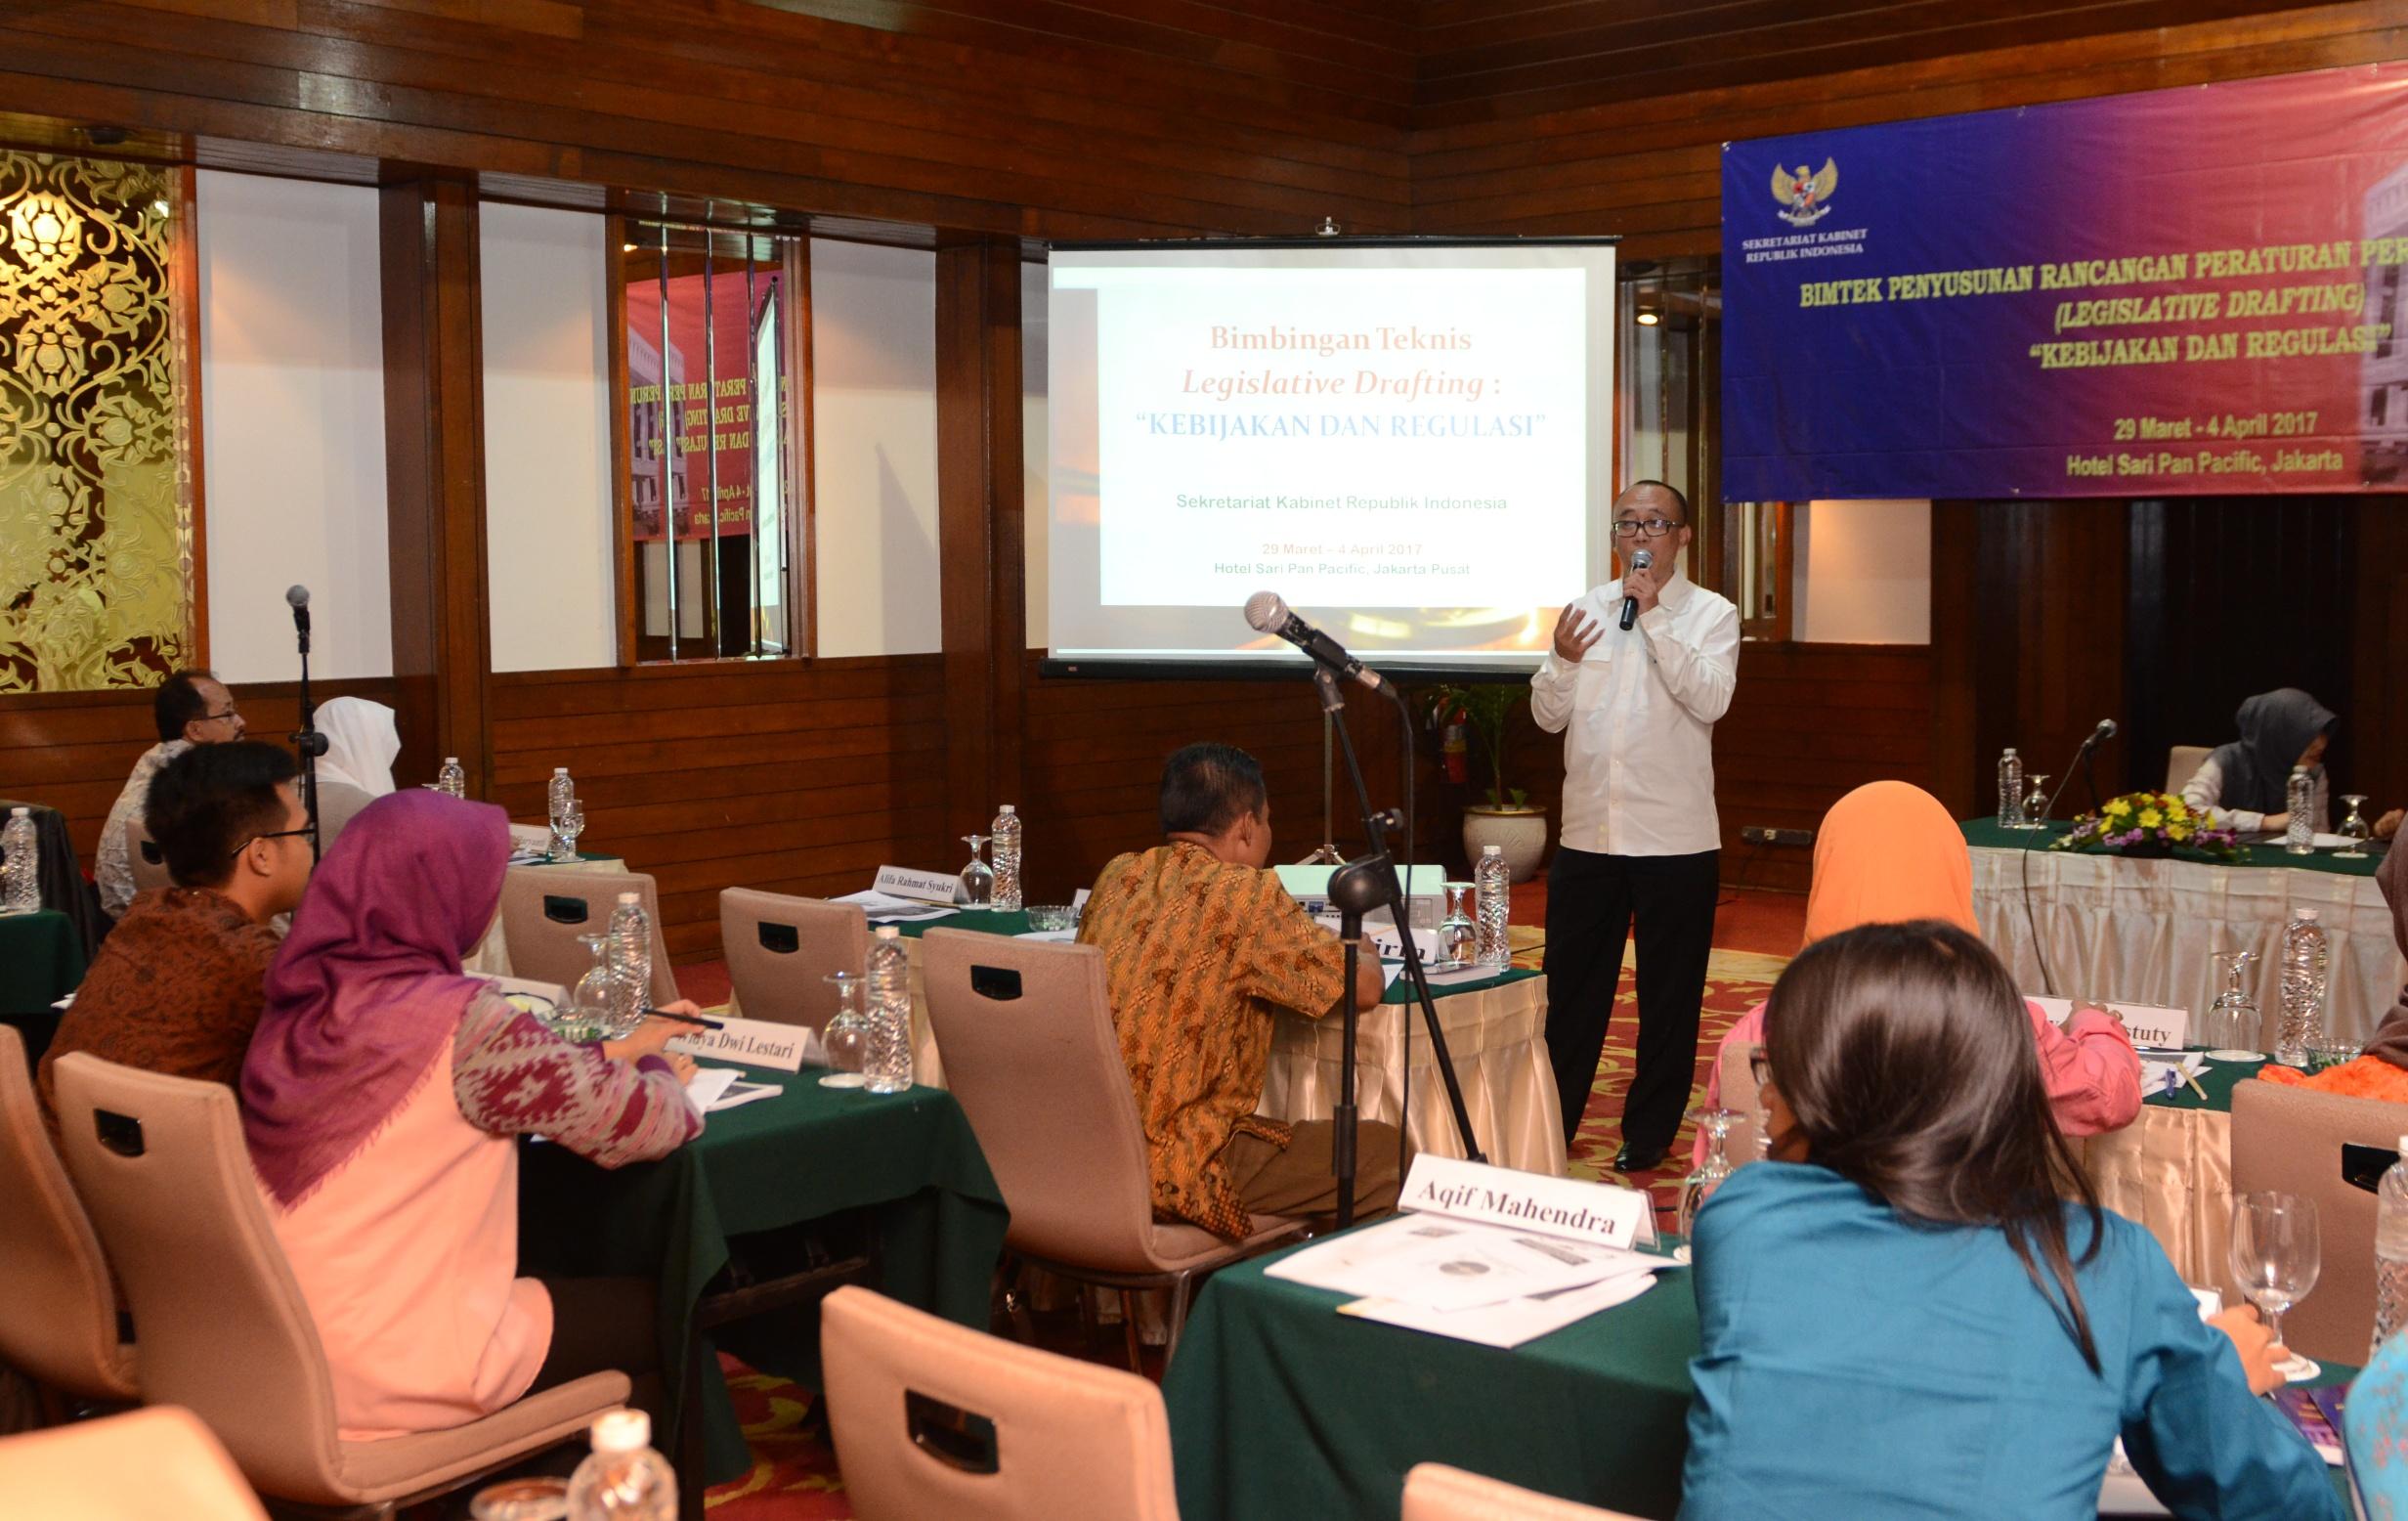 """Deputi bidang Administrasi Seskab Farid Utomo menyampaikan sambutan pada Bimtek Rancangan Peraturan Perundang-undangan """"Kebijakan dan Regulasi"""", di Hotel Sari Pan Pacific, Jakarta, Rabu (29/3) pagi. (Foto: JAY/Humas)"""